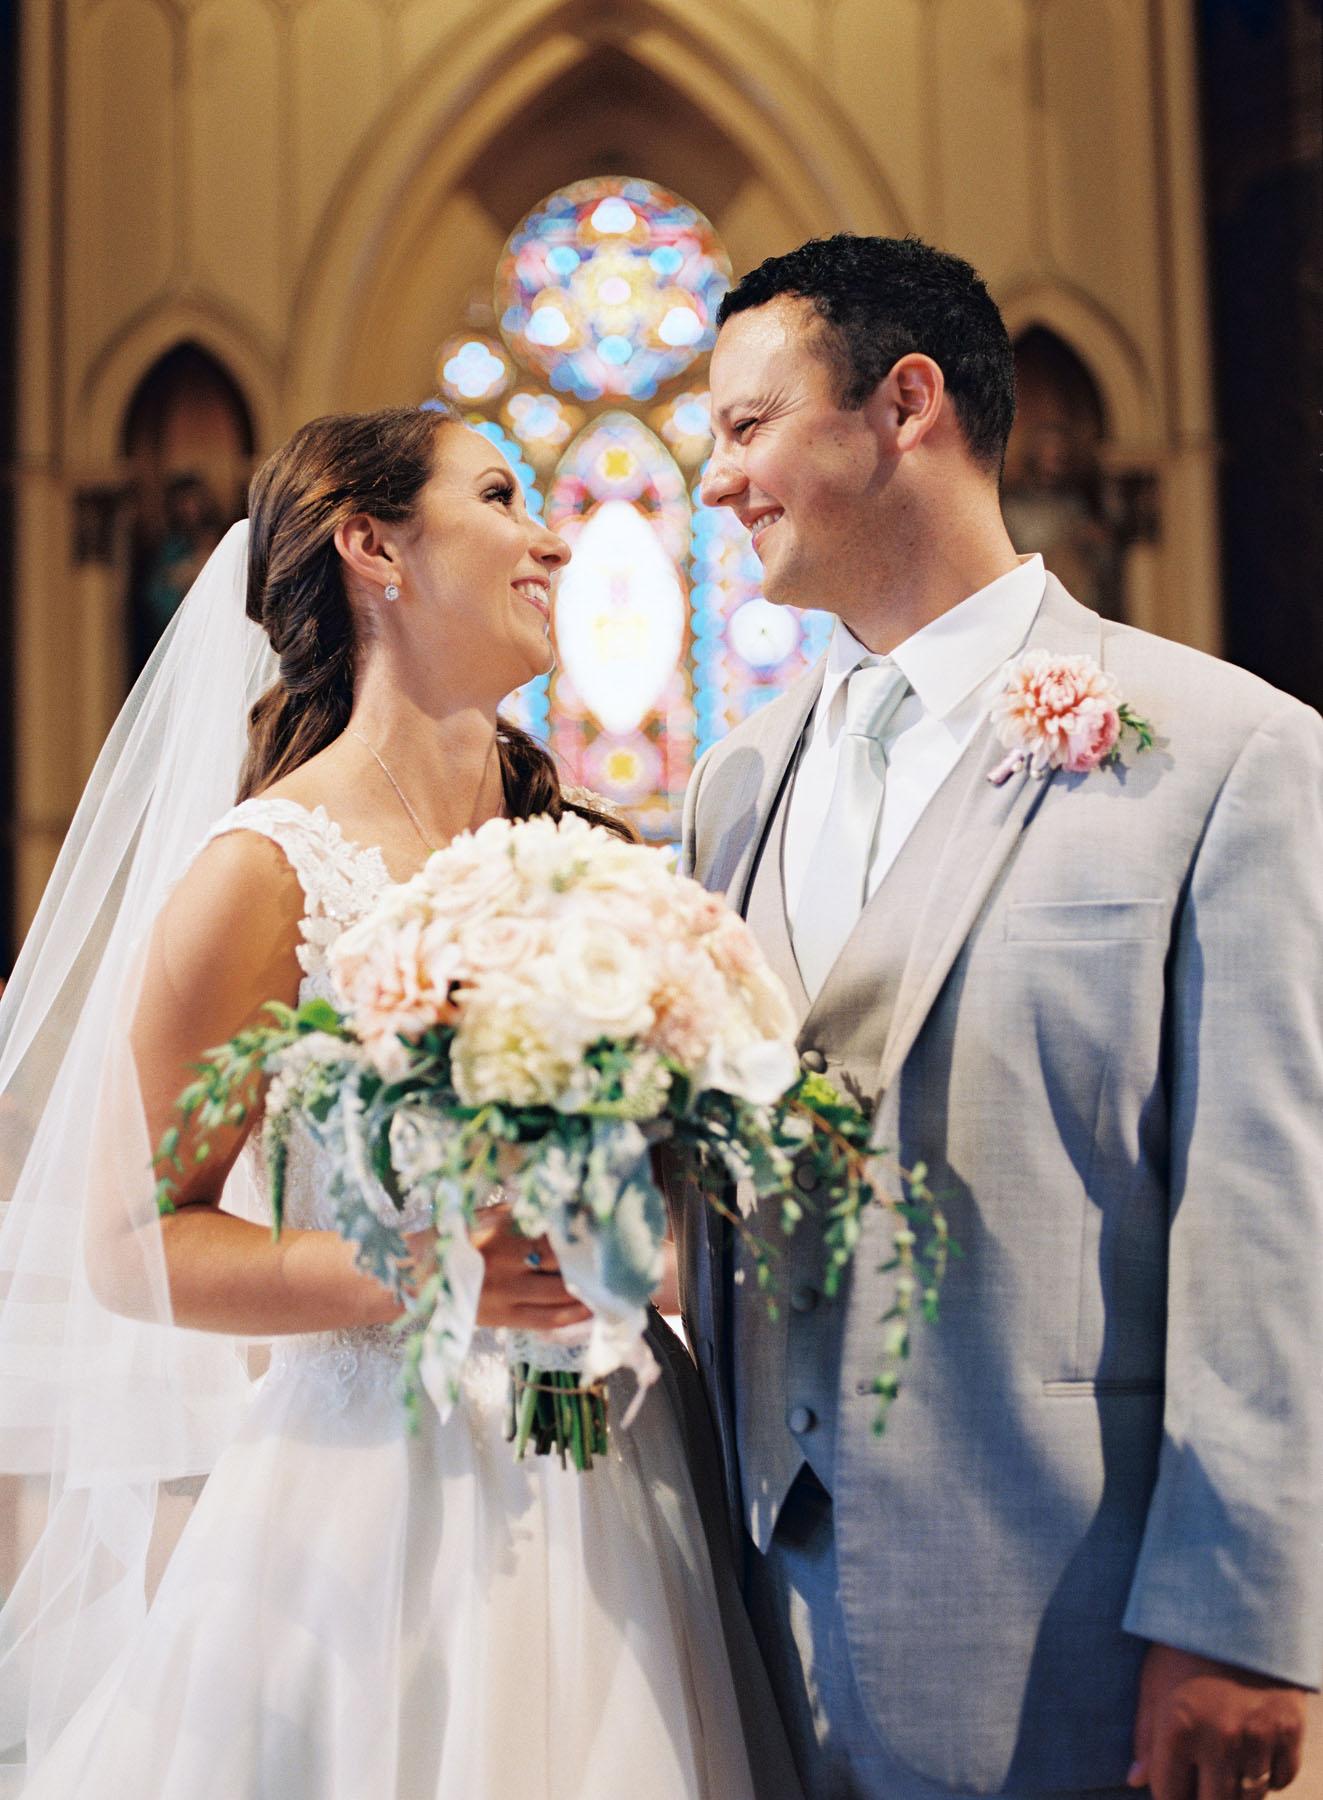 8-11-18 Vanessa and Andrew - 94.jpg